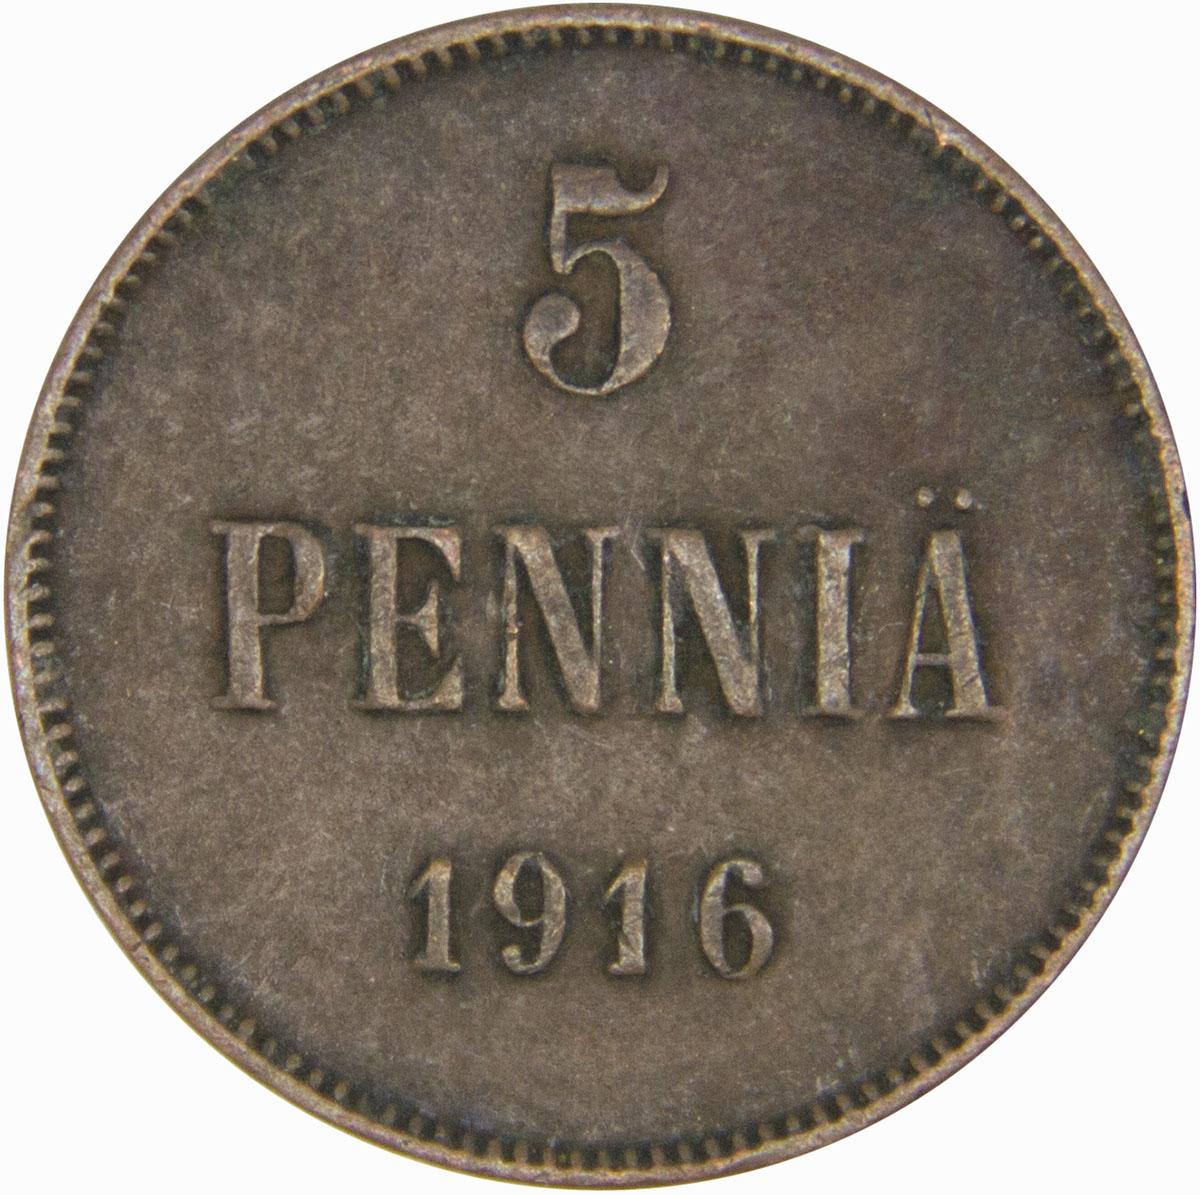 Монета номиналом 5 пенни. Сохранность VF. Россия для Финляндии, 1916 год, Гельсингфорсский монетный двор